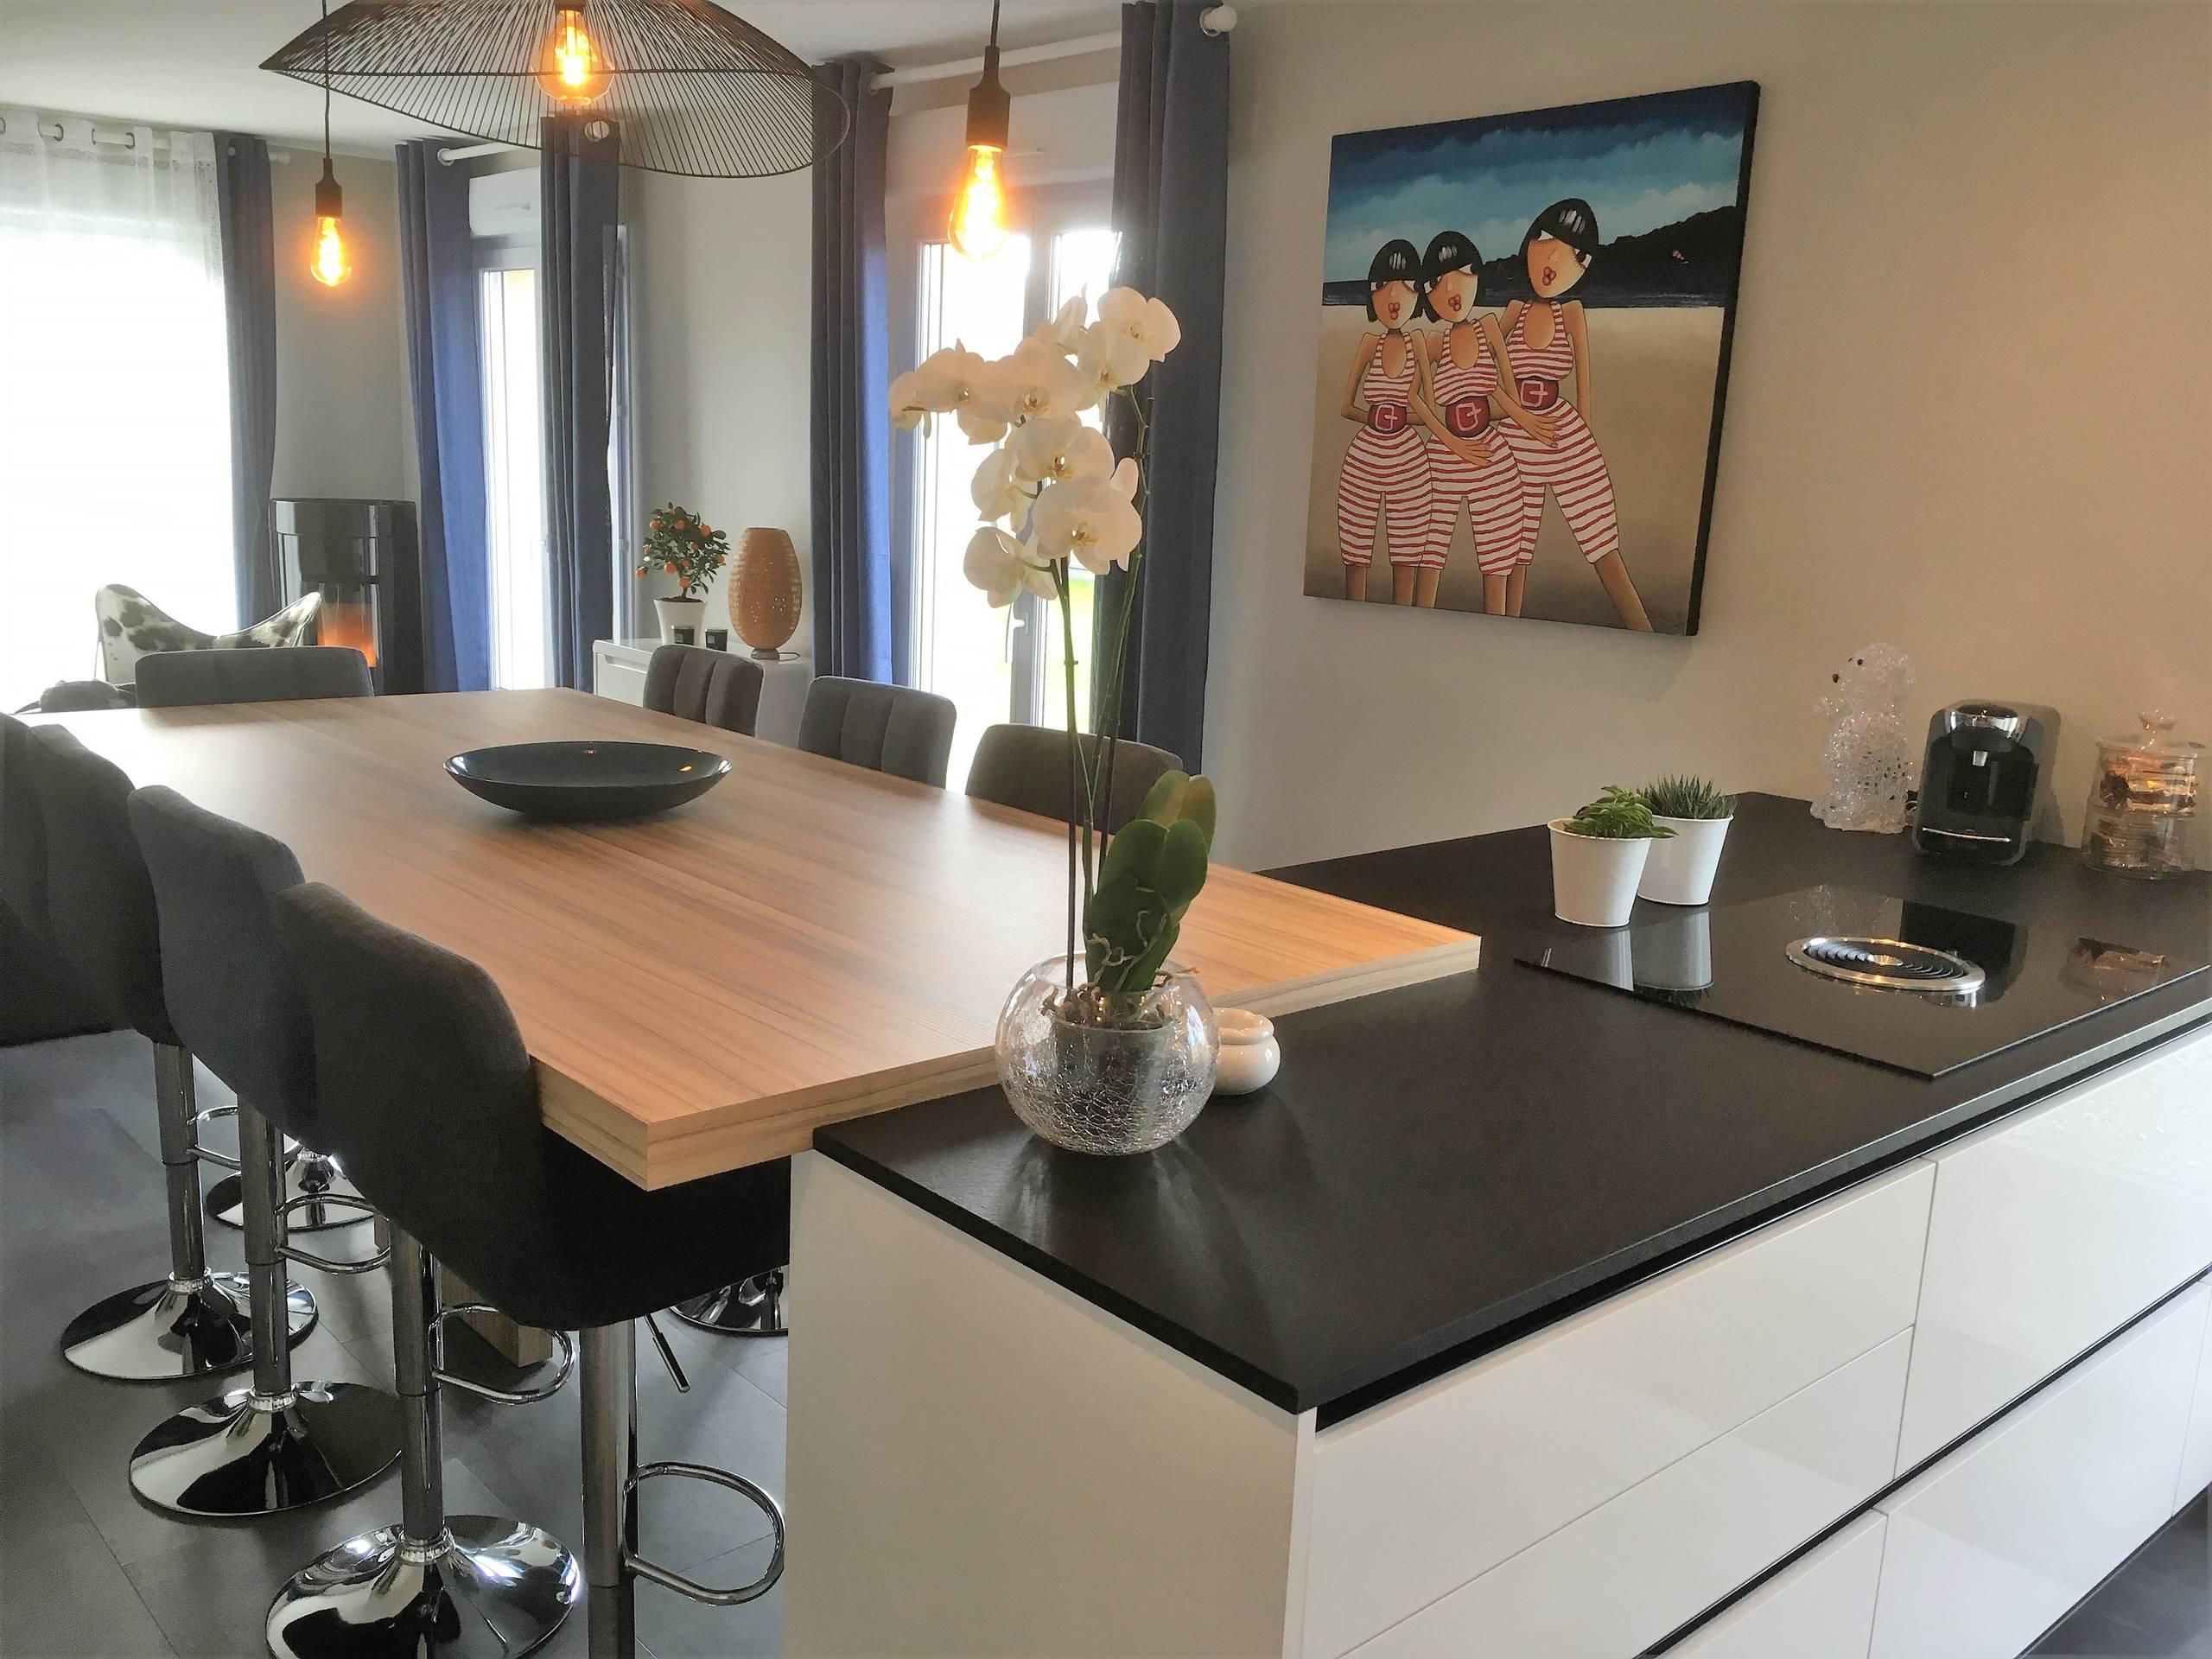 Jolie réalisation d'une cuisine sans poignées en laque brillante